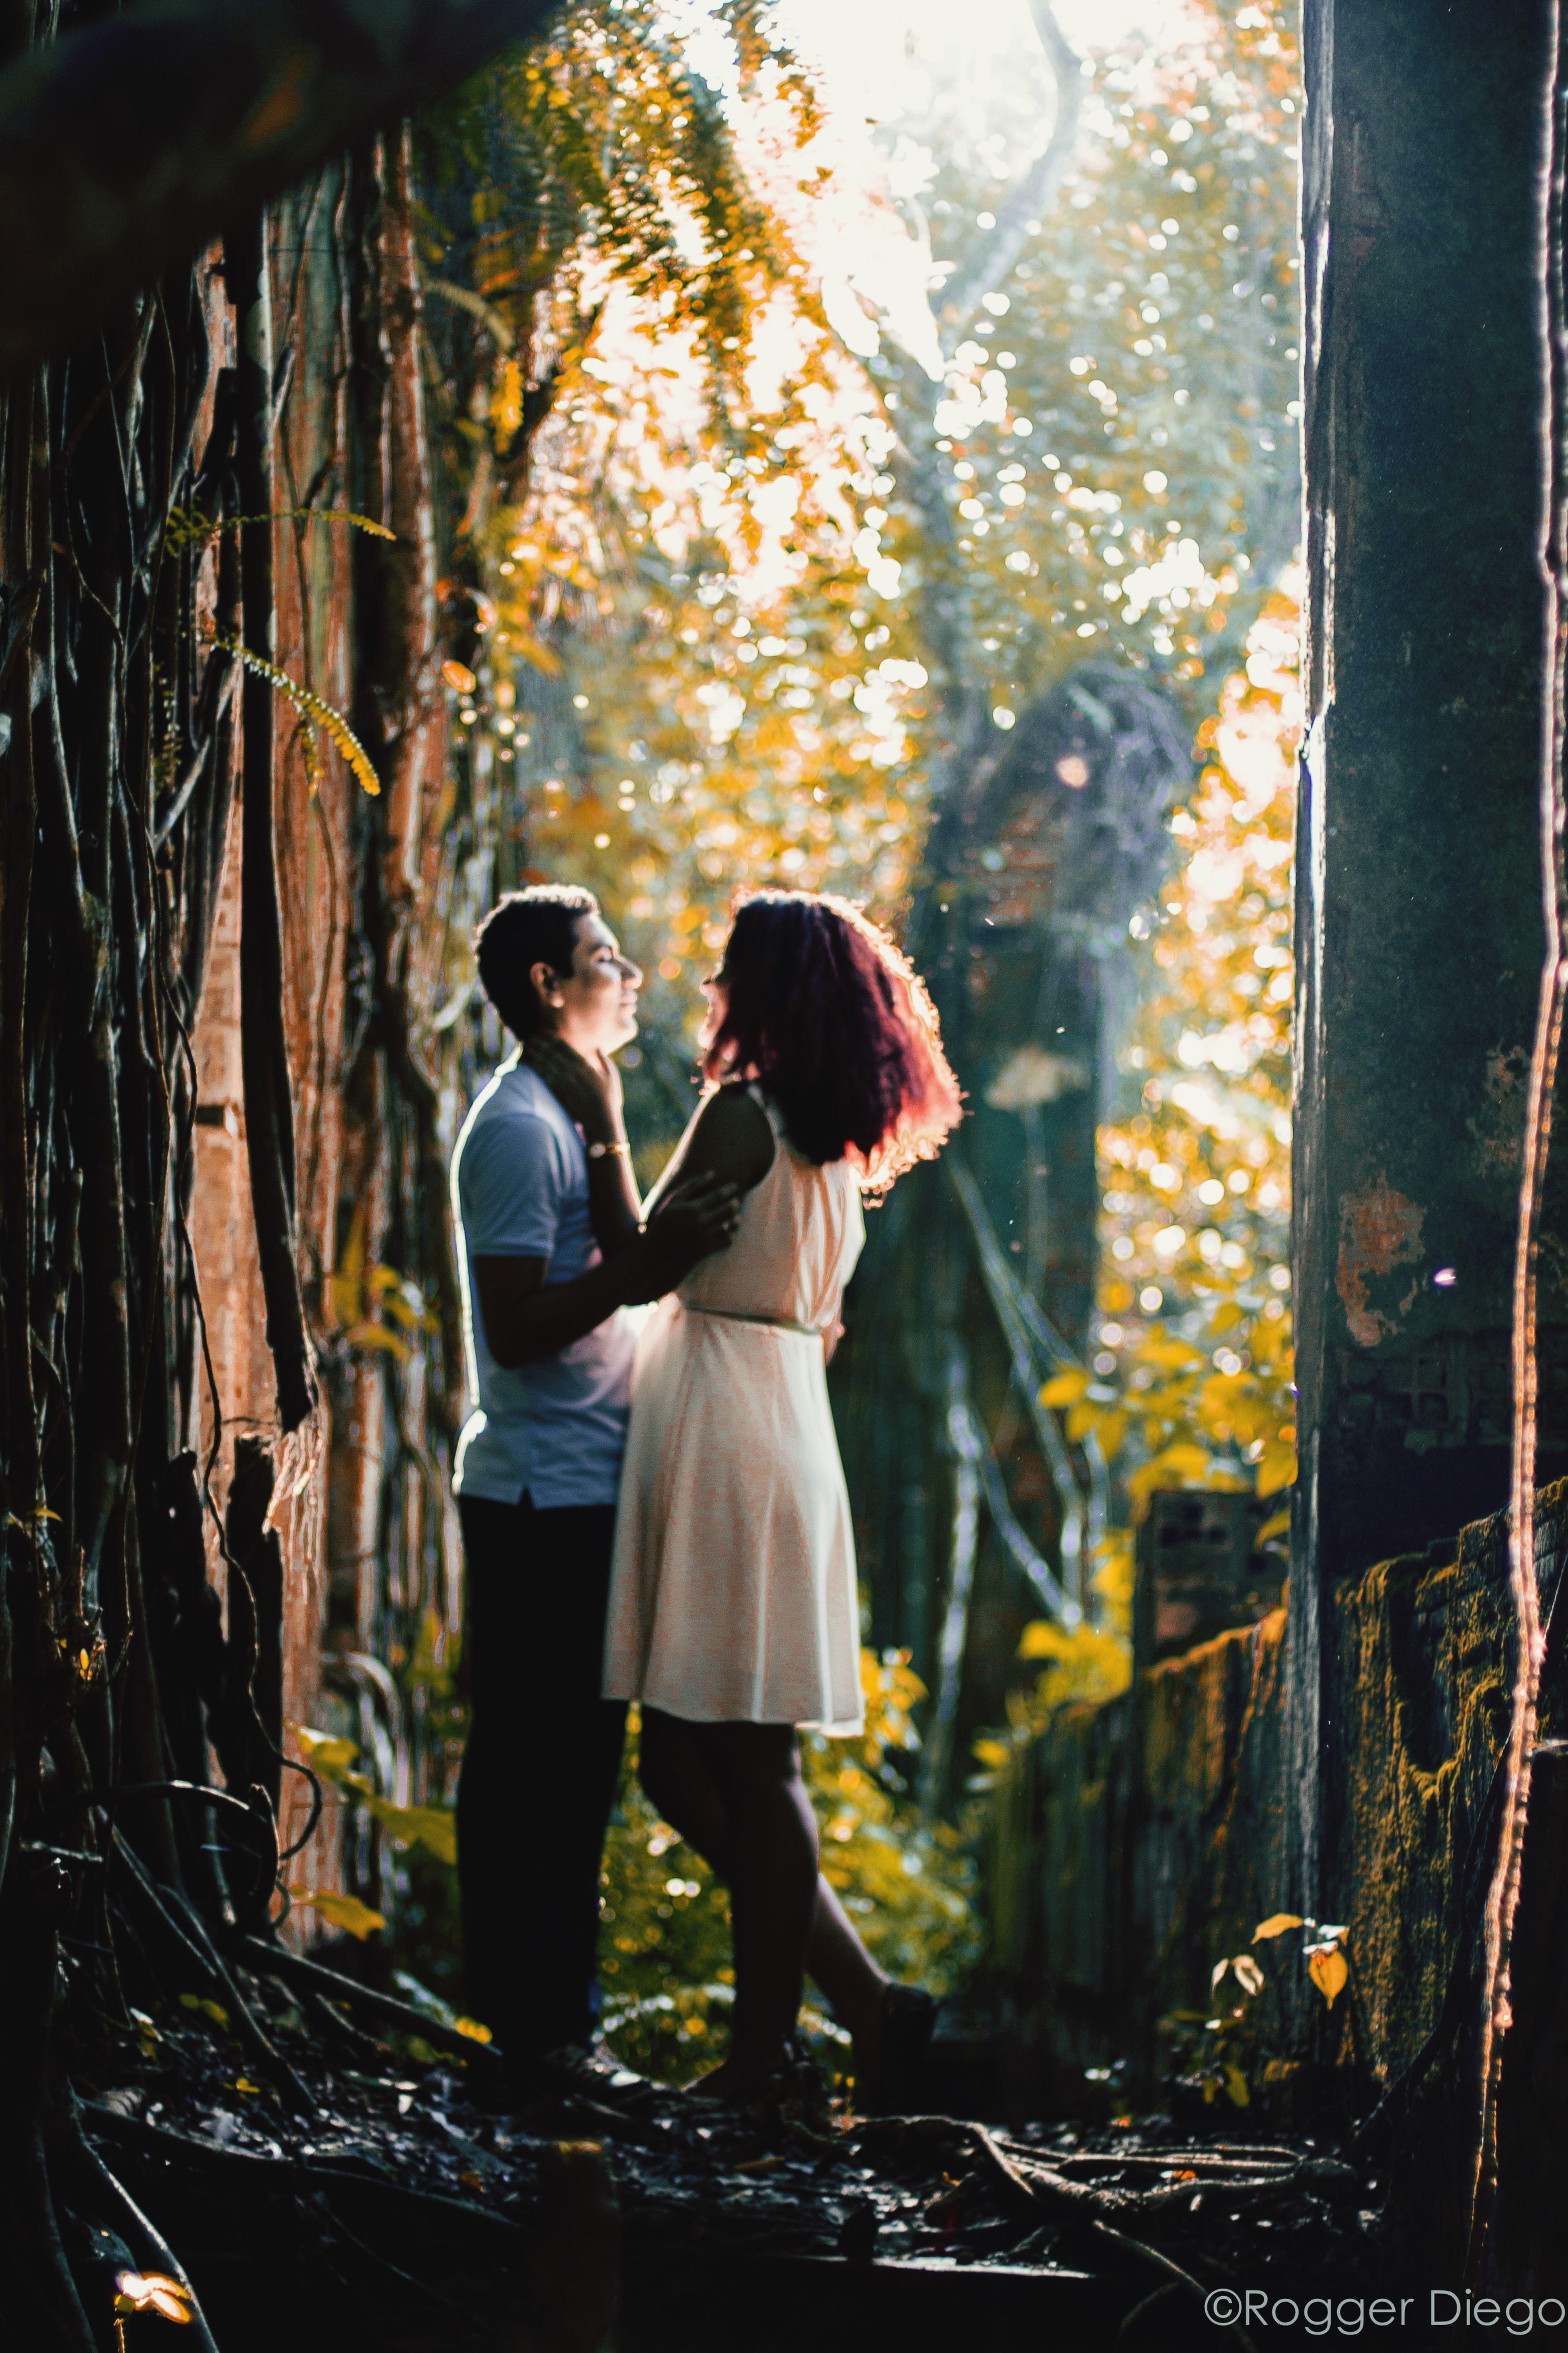 Ensaio Casal Hanging Out Taking Photos Couple Hello World Ruinas De Paricatuba Forest Ruinas Brazil ensaio nas ruínas da Vila De Paricatuba, Iranduba, Amazonas, Brasil